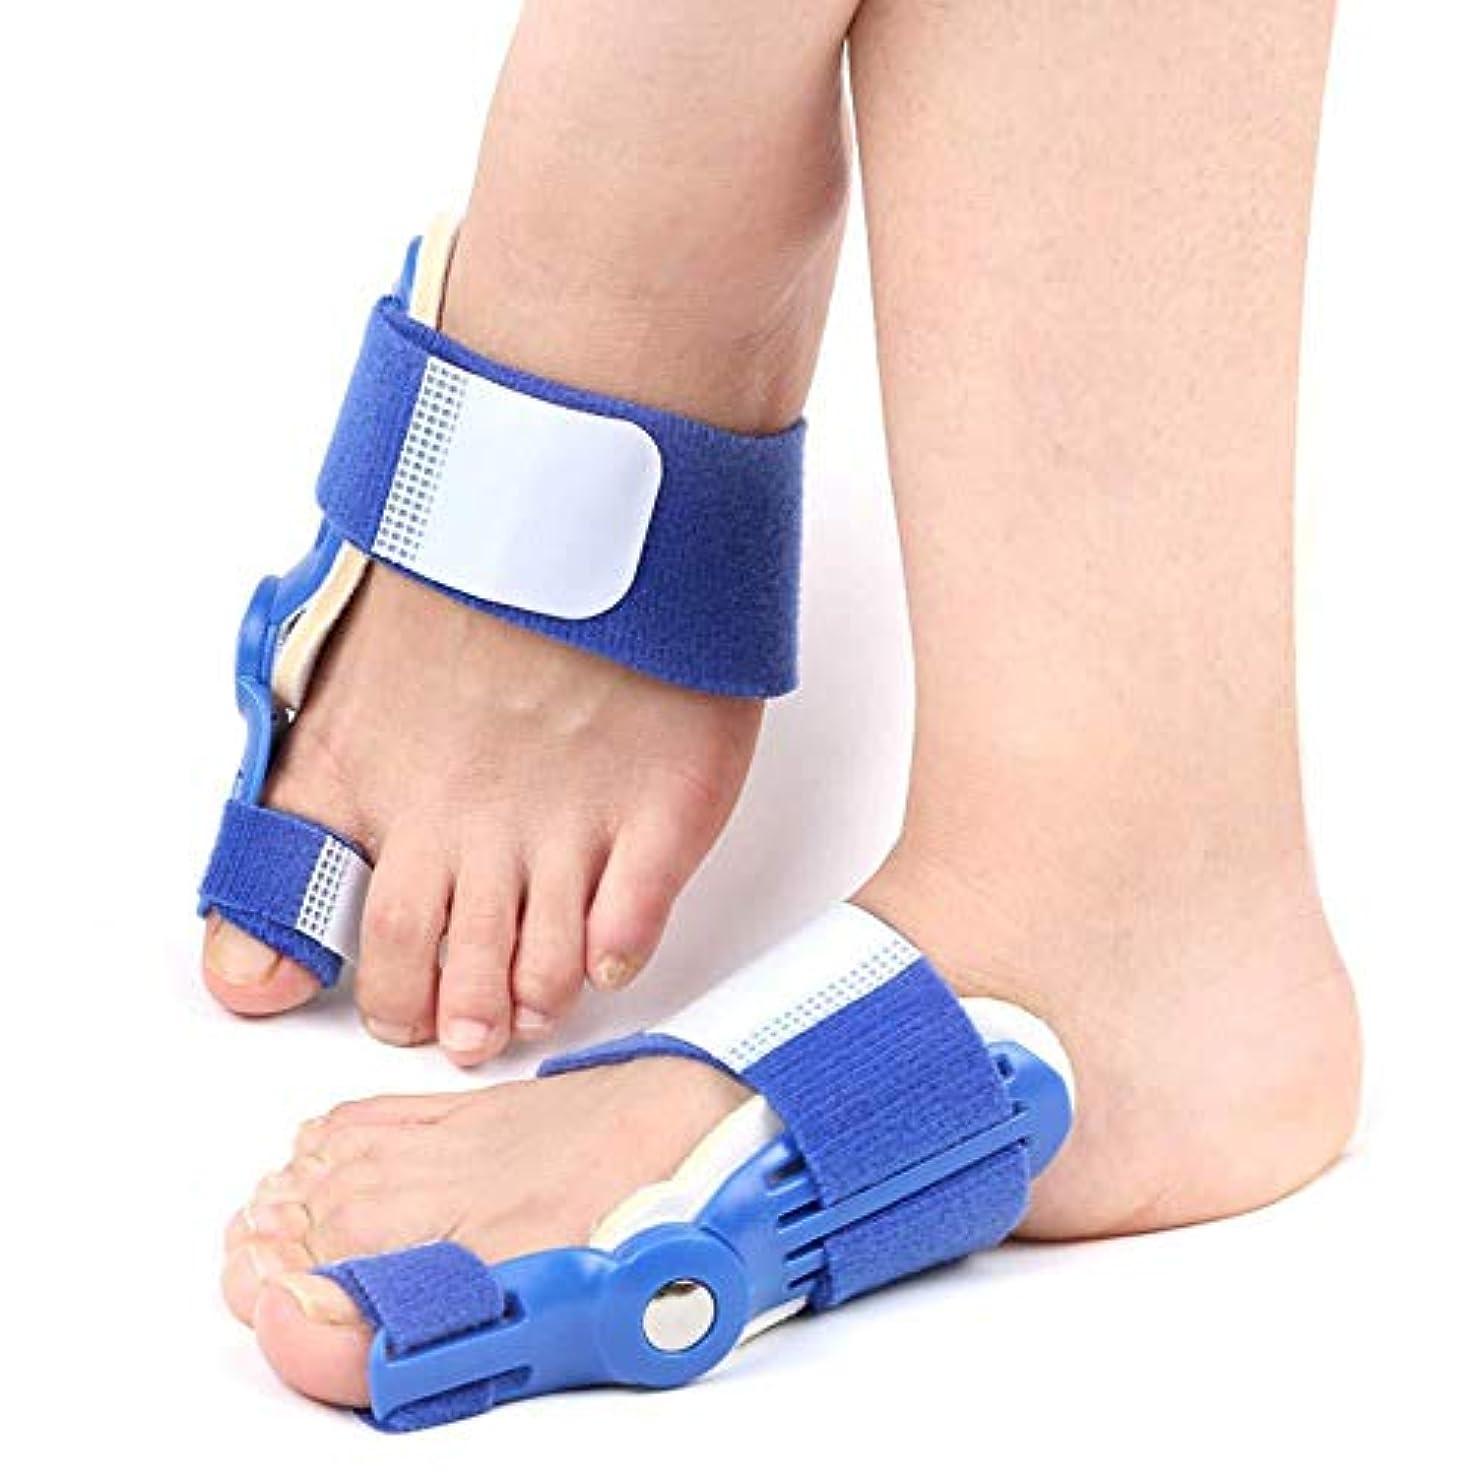 見る人反逆者重要性腱膜瘤矯正、足の親指のアライメント矯正矯正外科的疼痛緩和と腱膜瘤のサポートなしの腱膜瘤治療